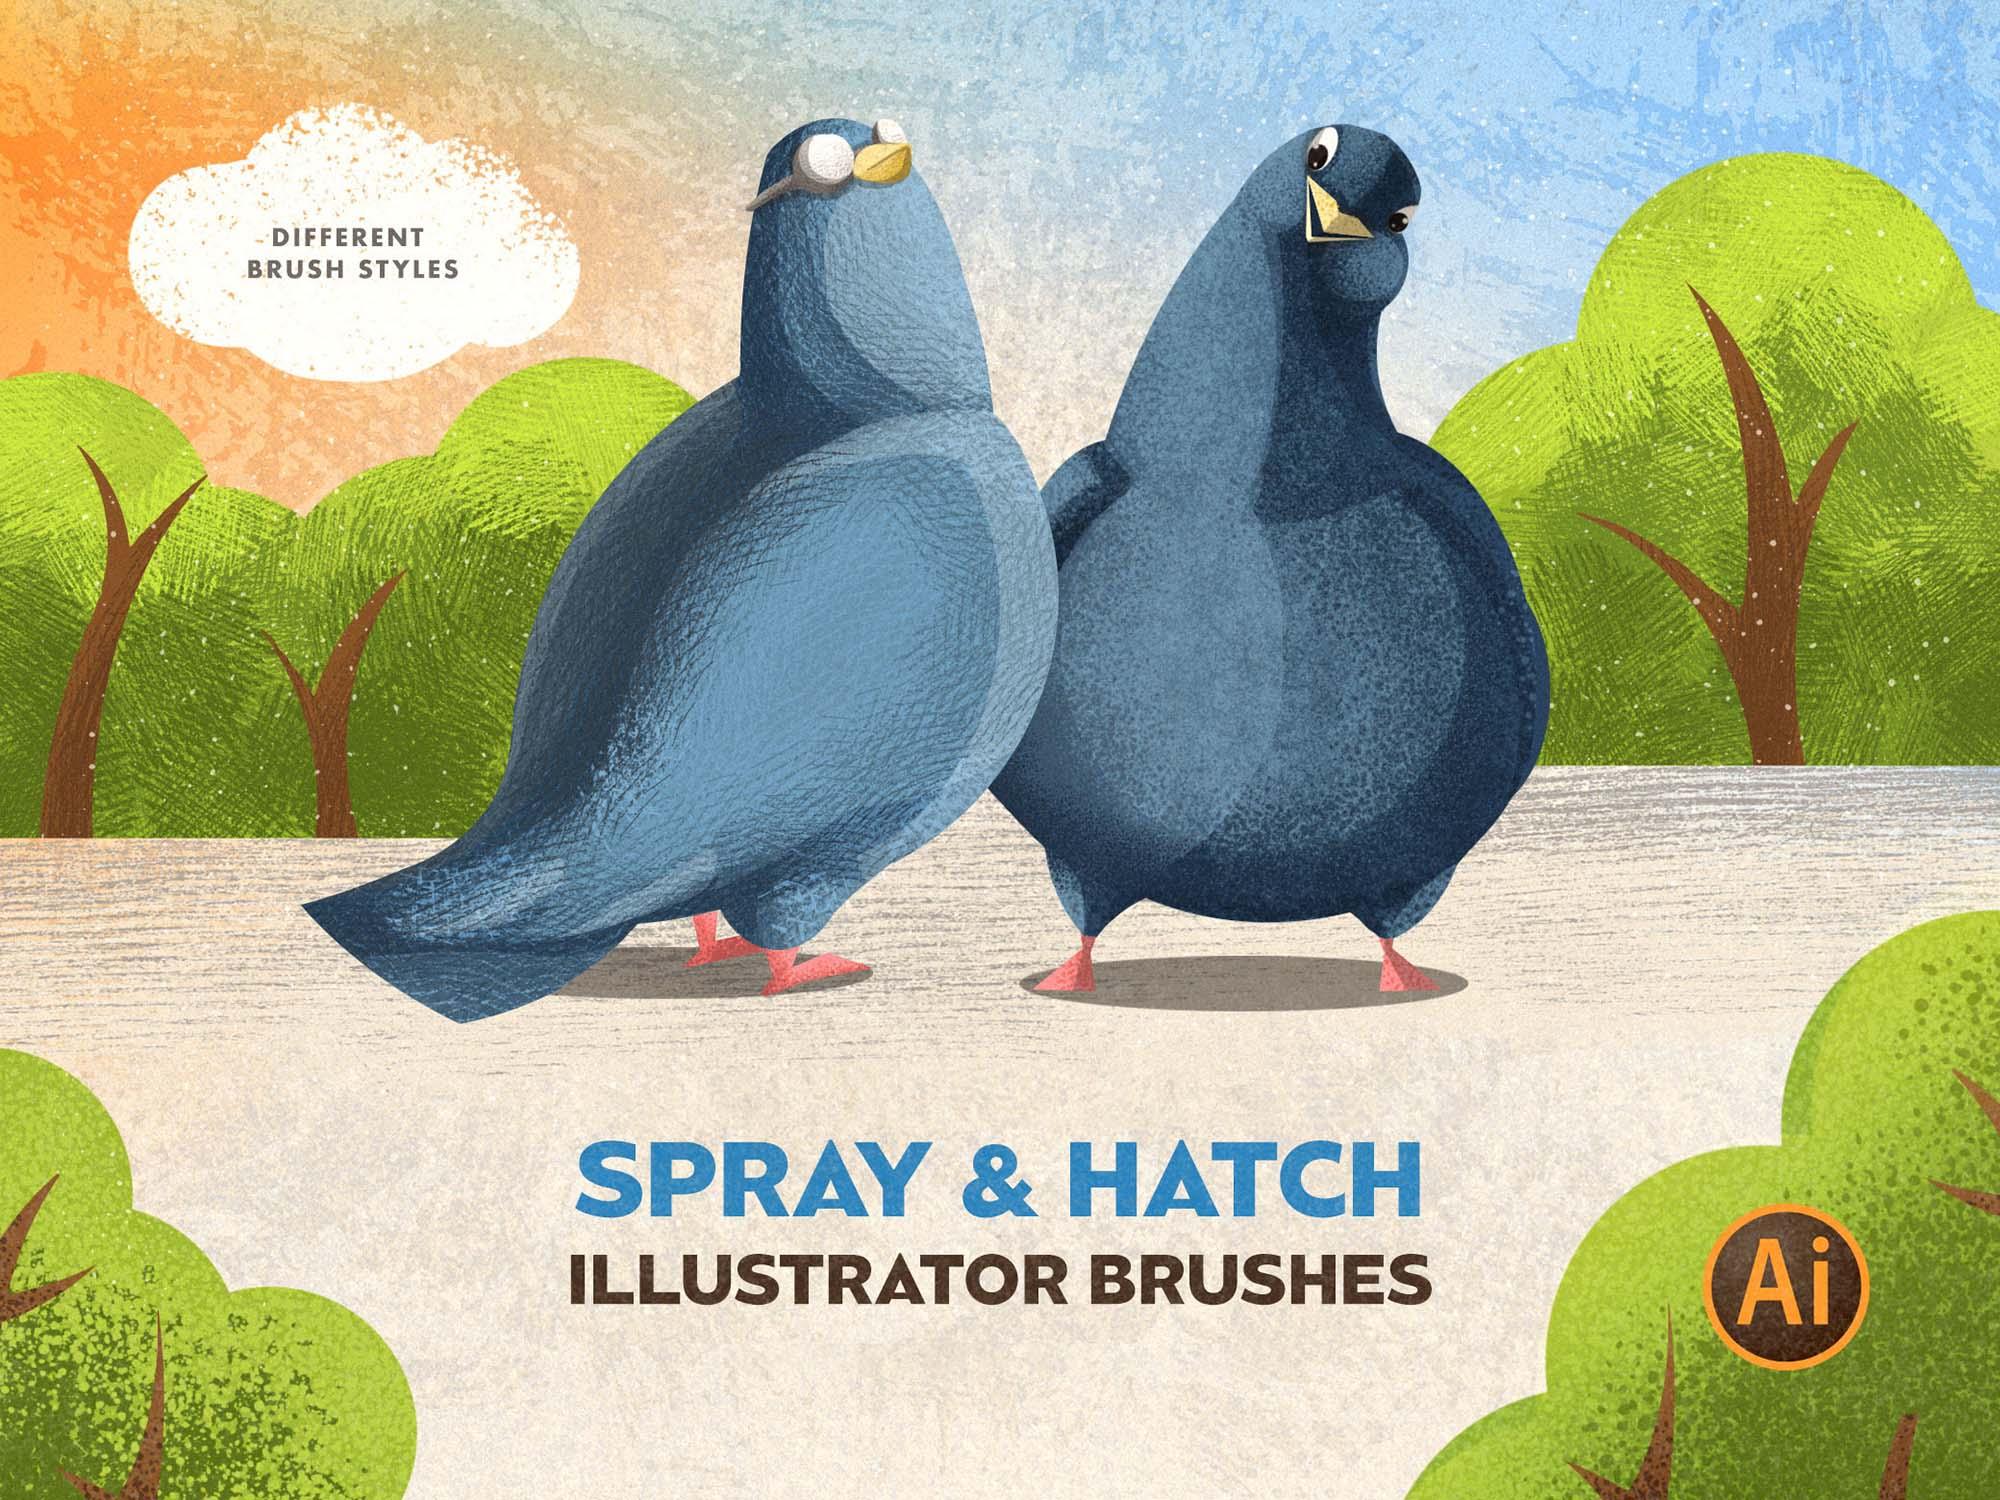 Spray & Hatch Illustrator Brushes